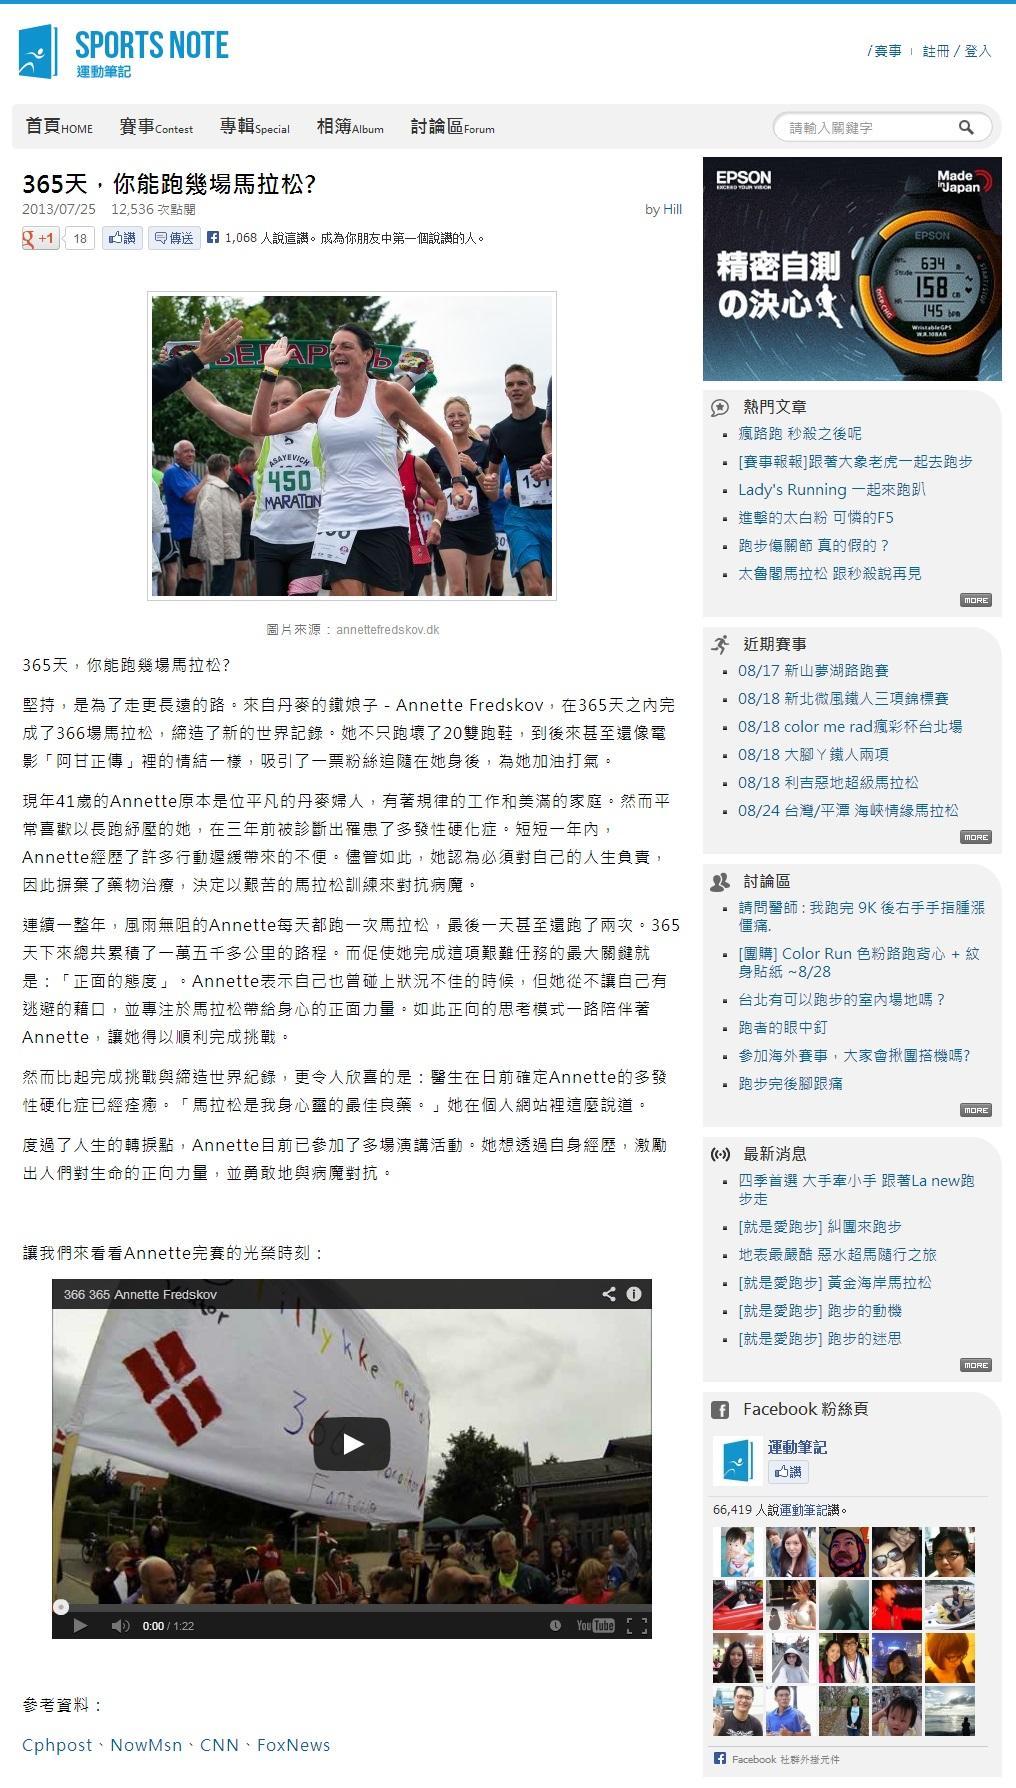 sportsnote.com.tw 2013.07.25 taiwanesisk